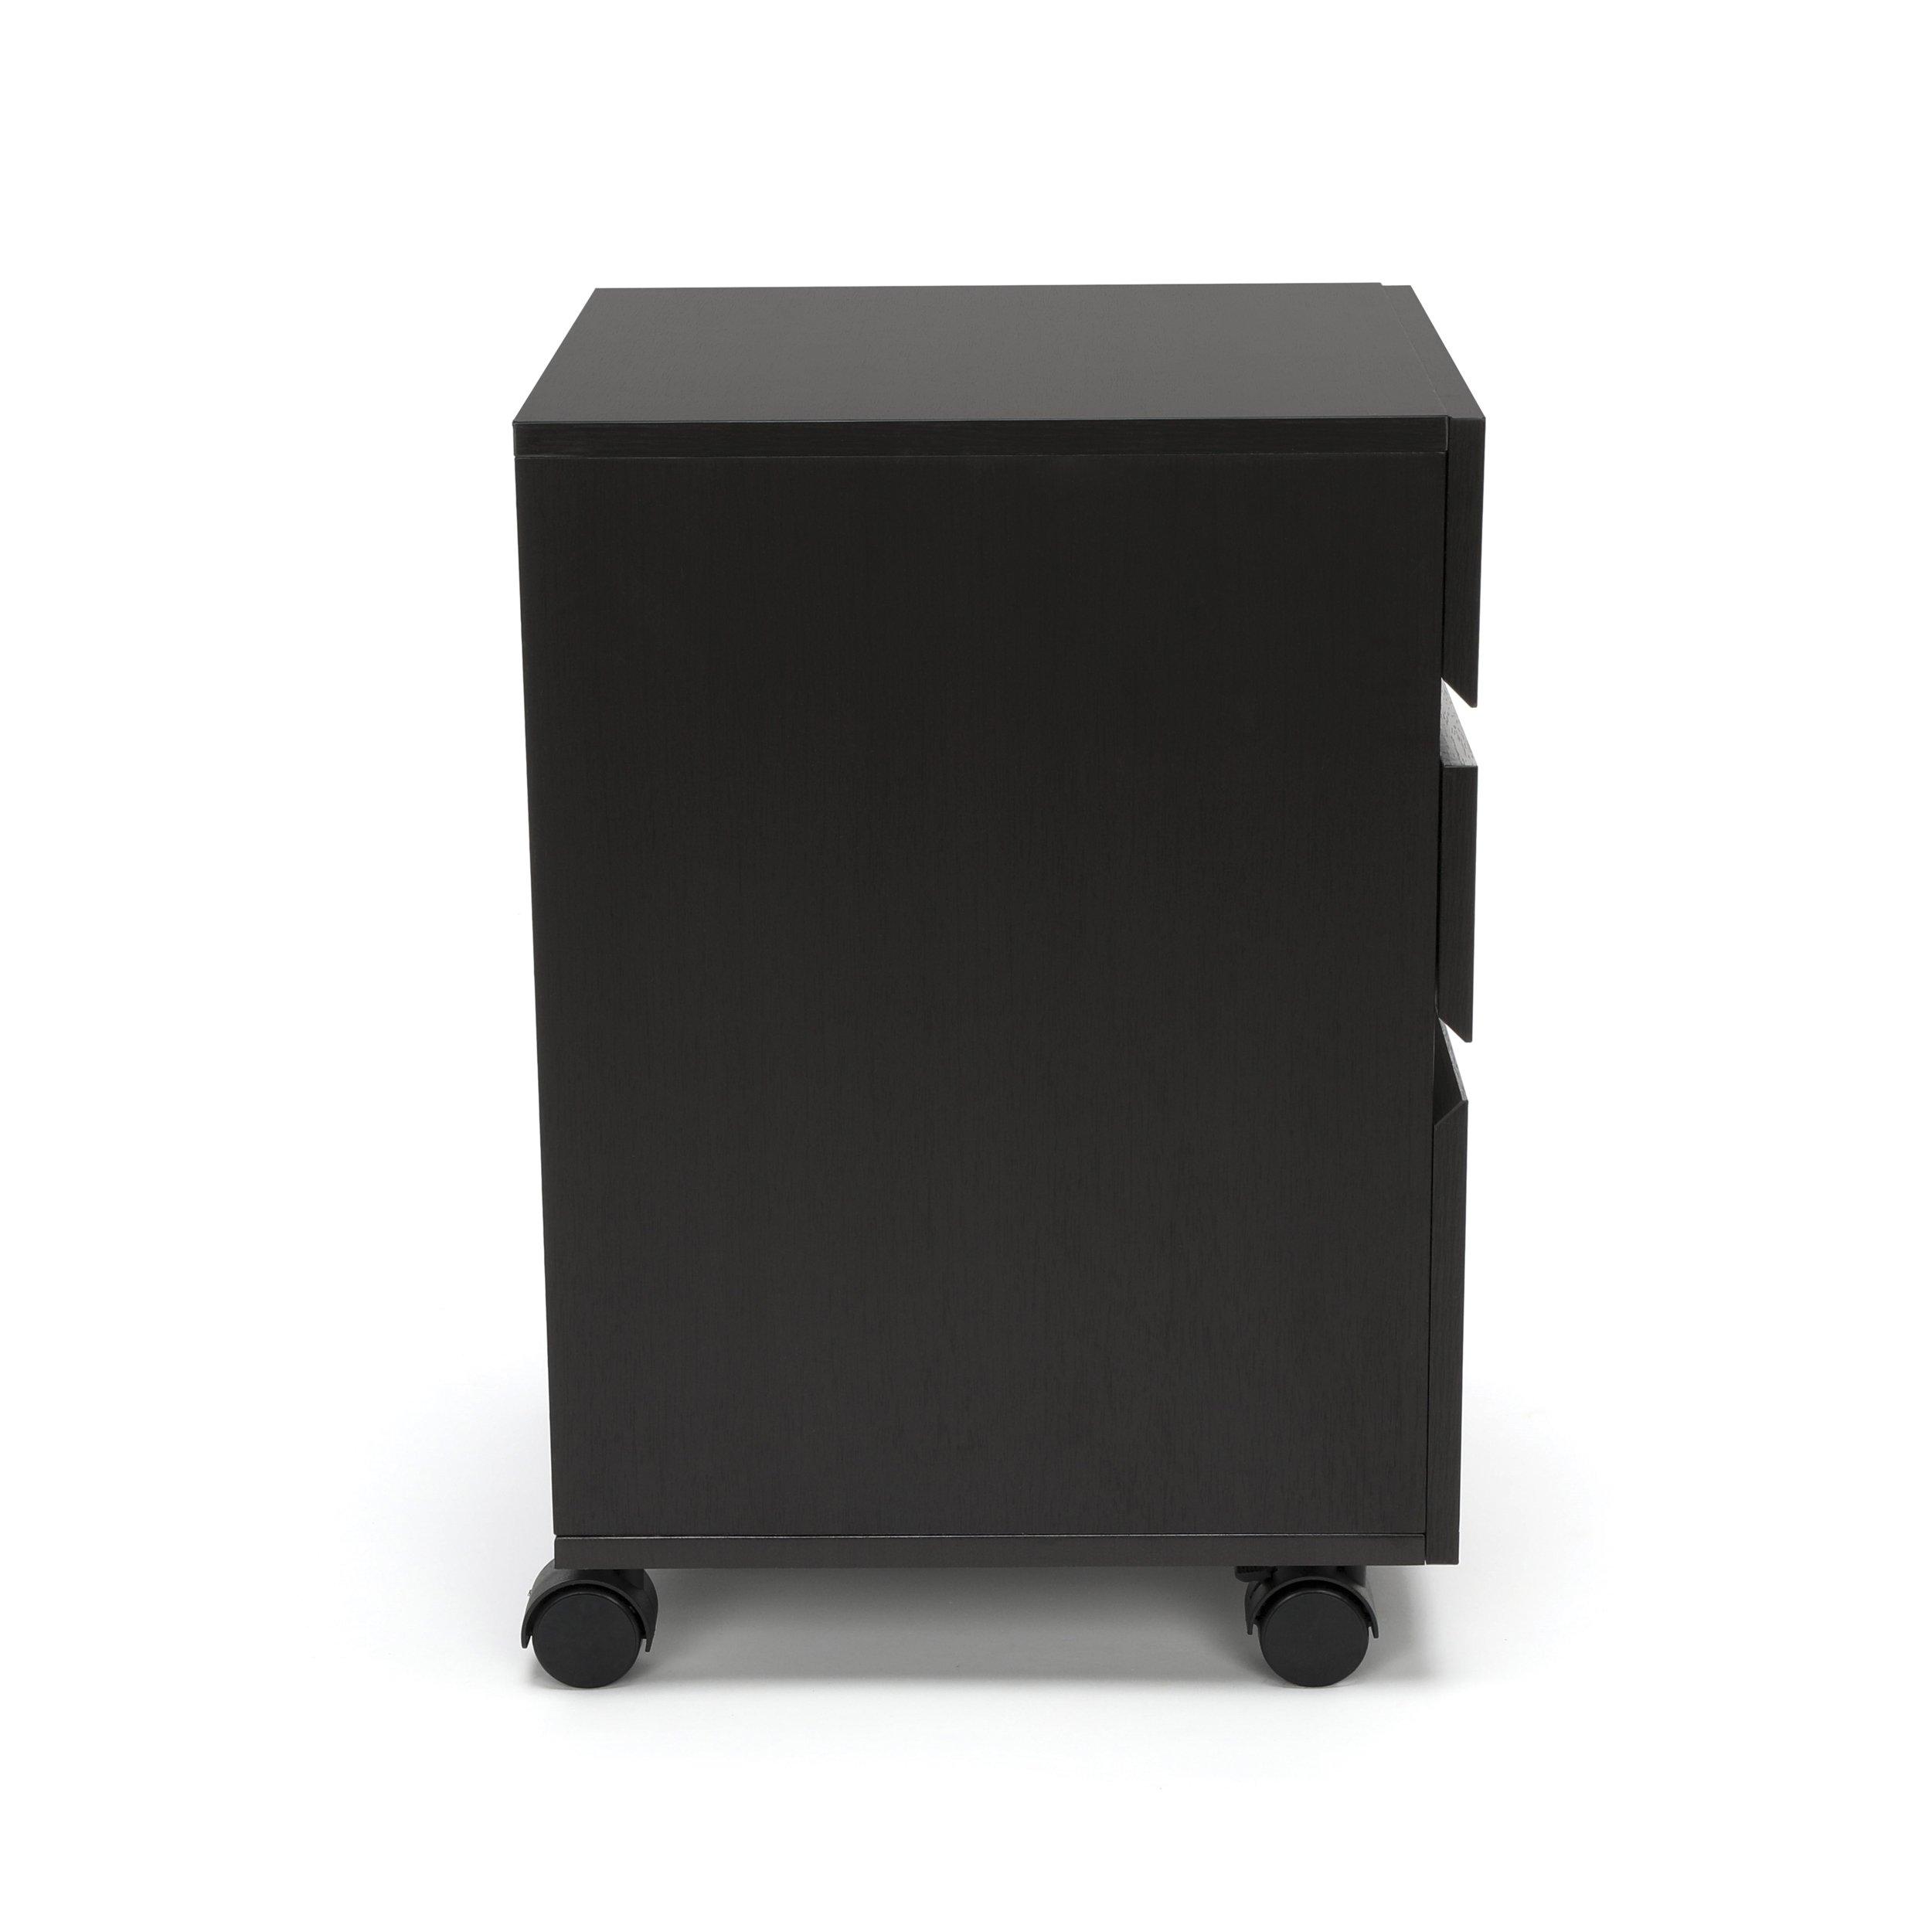 Essentials File Cabinet - 3-Drawer Wheeled Mobile Pedestal Cabinet, Espresso (ESS-1030-ESP) by OFM (Image #6)